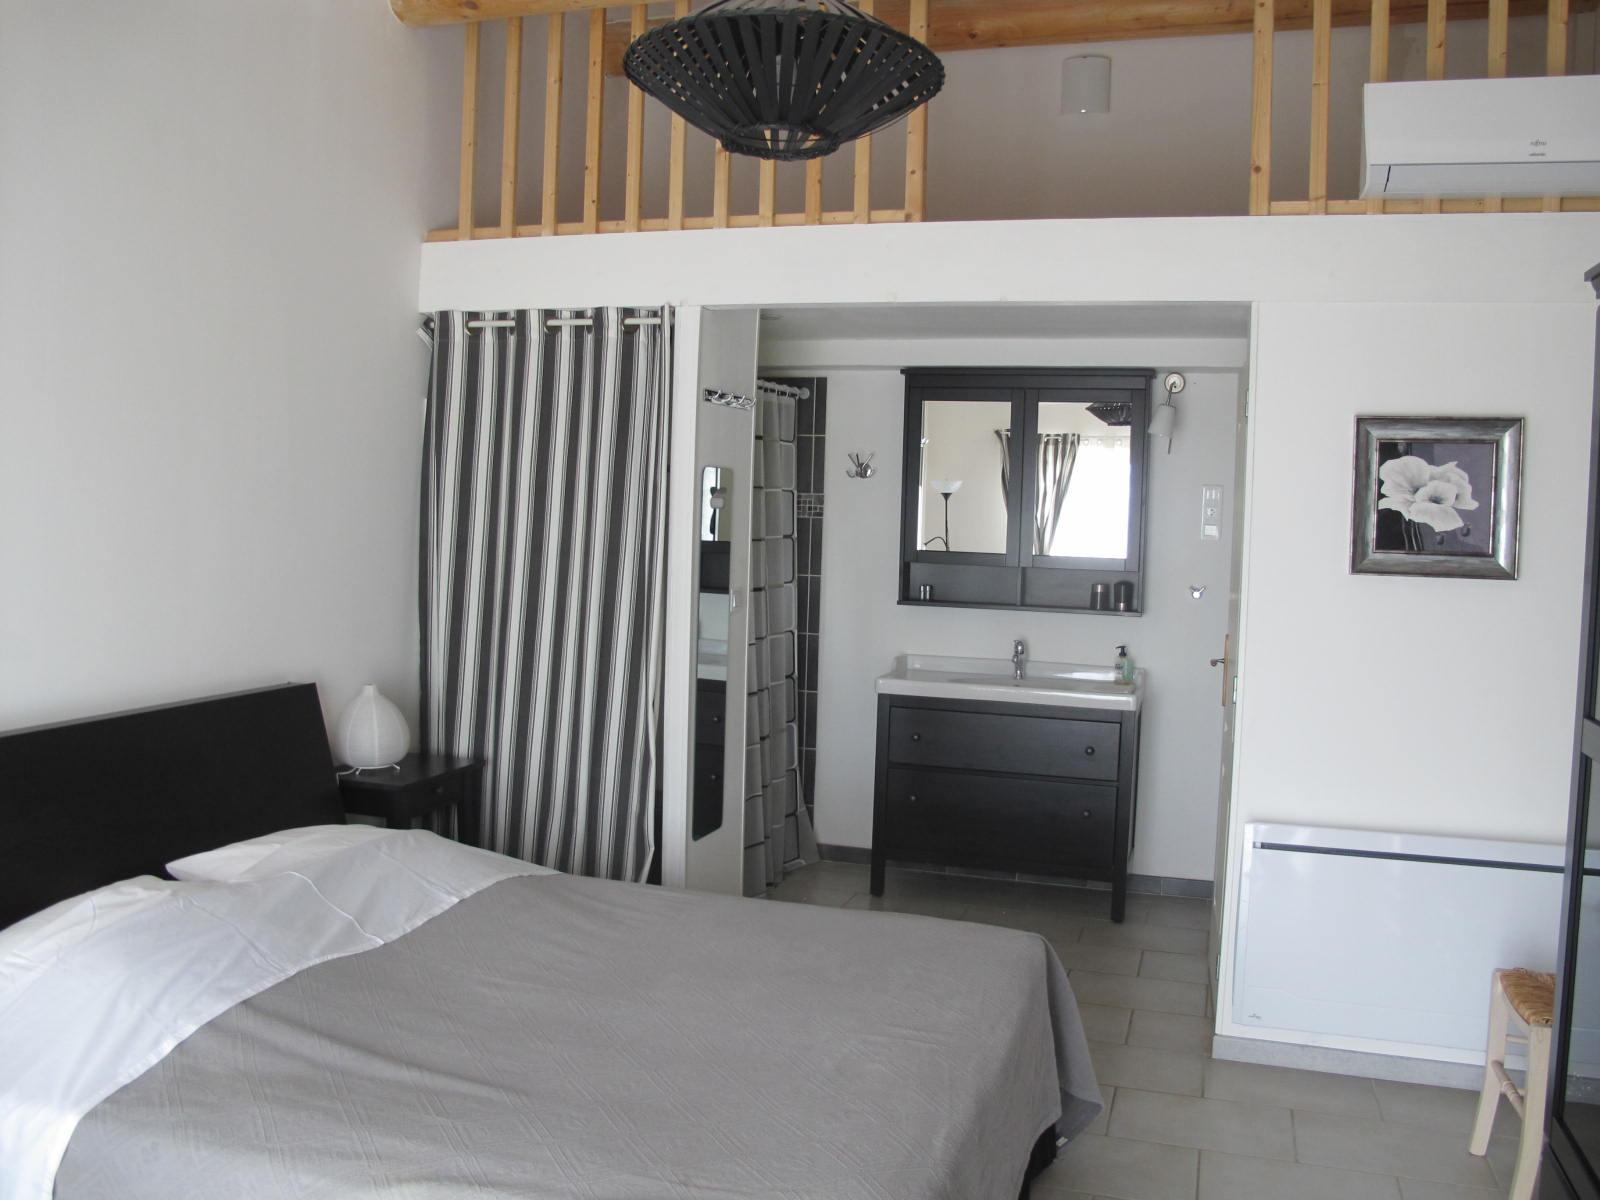 loucardaline-bedoin-ventoux-chambre d hotes-vaucluse-double confort-calme - climatisé